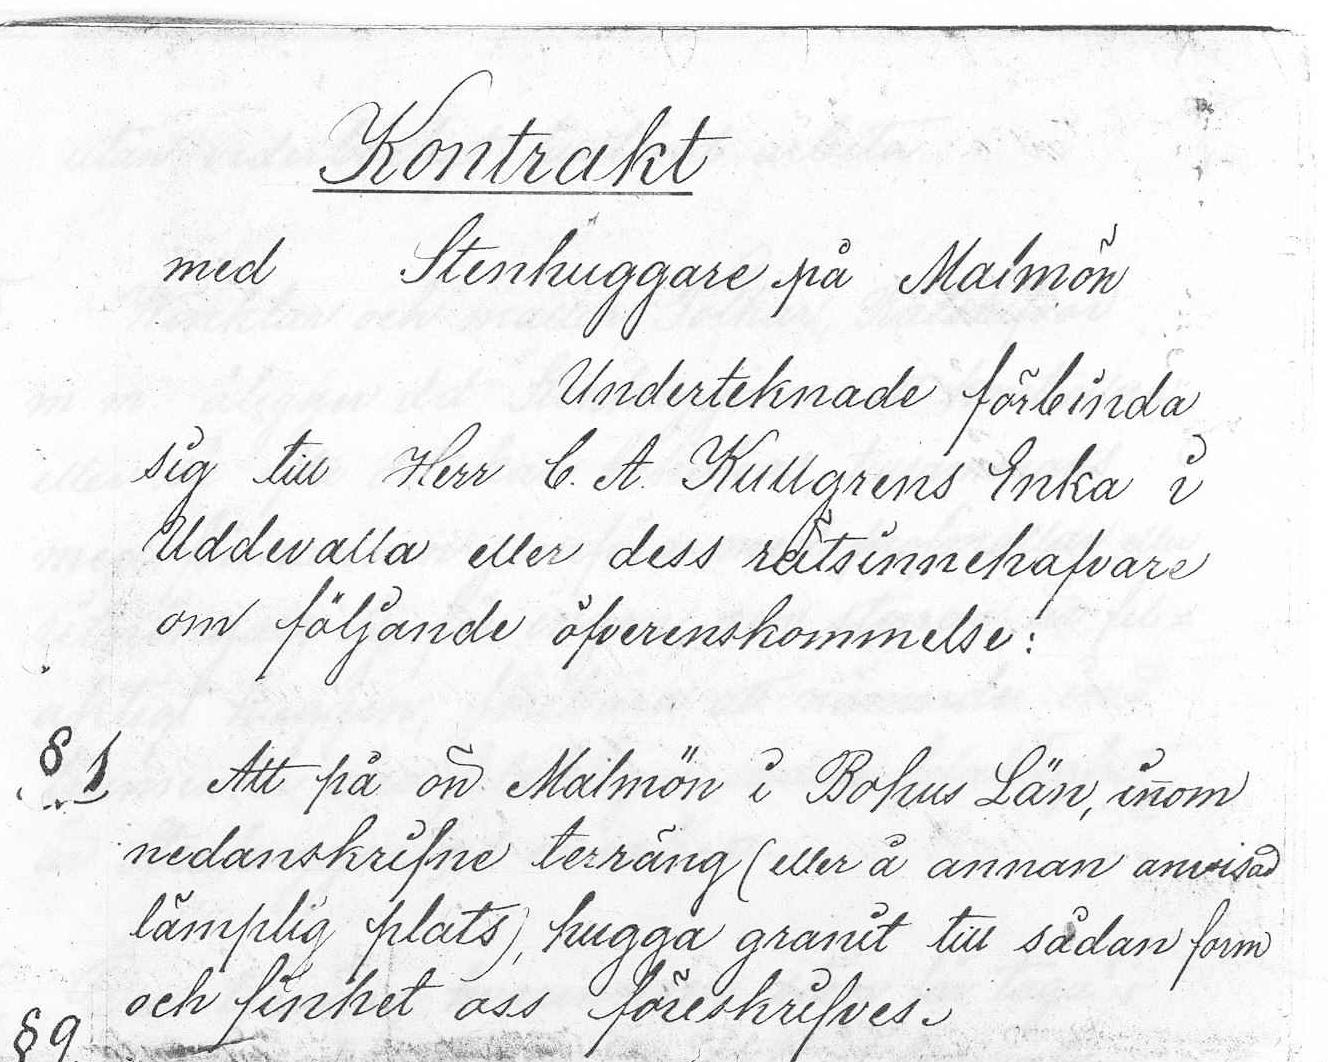 24 Kontrakt för Stenhuggare